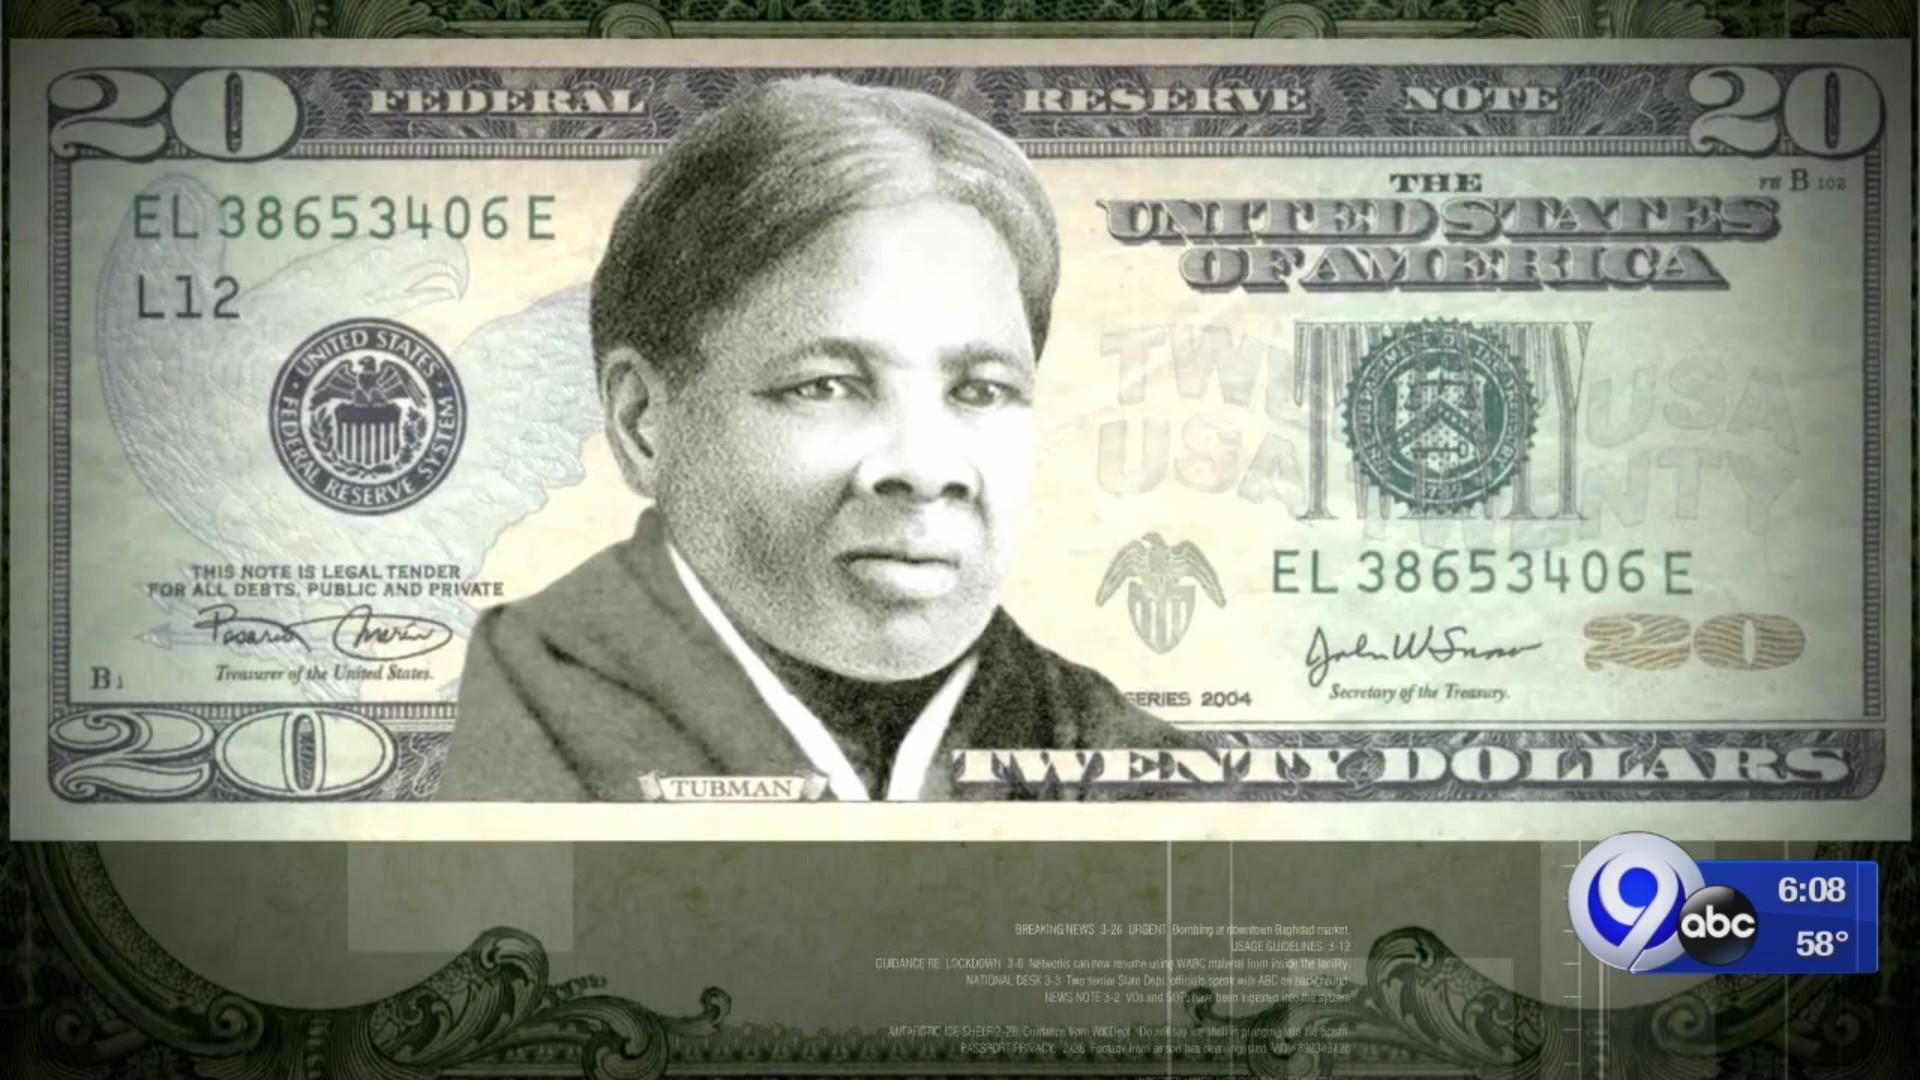 Harriet_Tubman_s_grandniece_thinks_redes_0_20190528221339